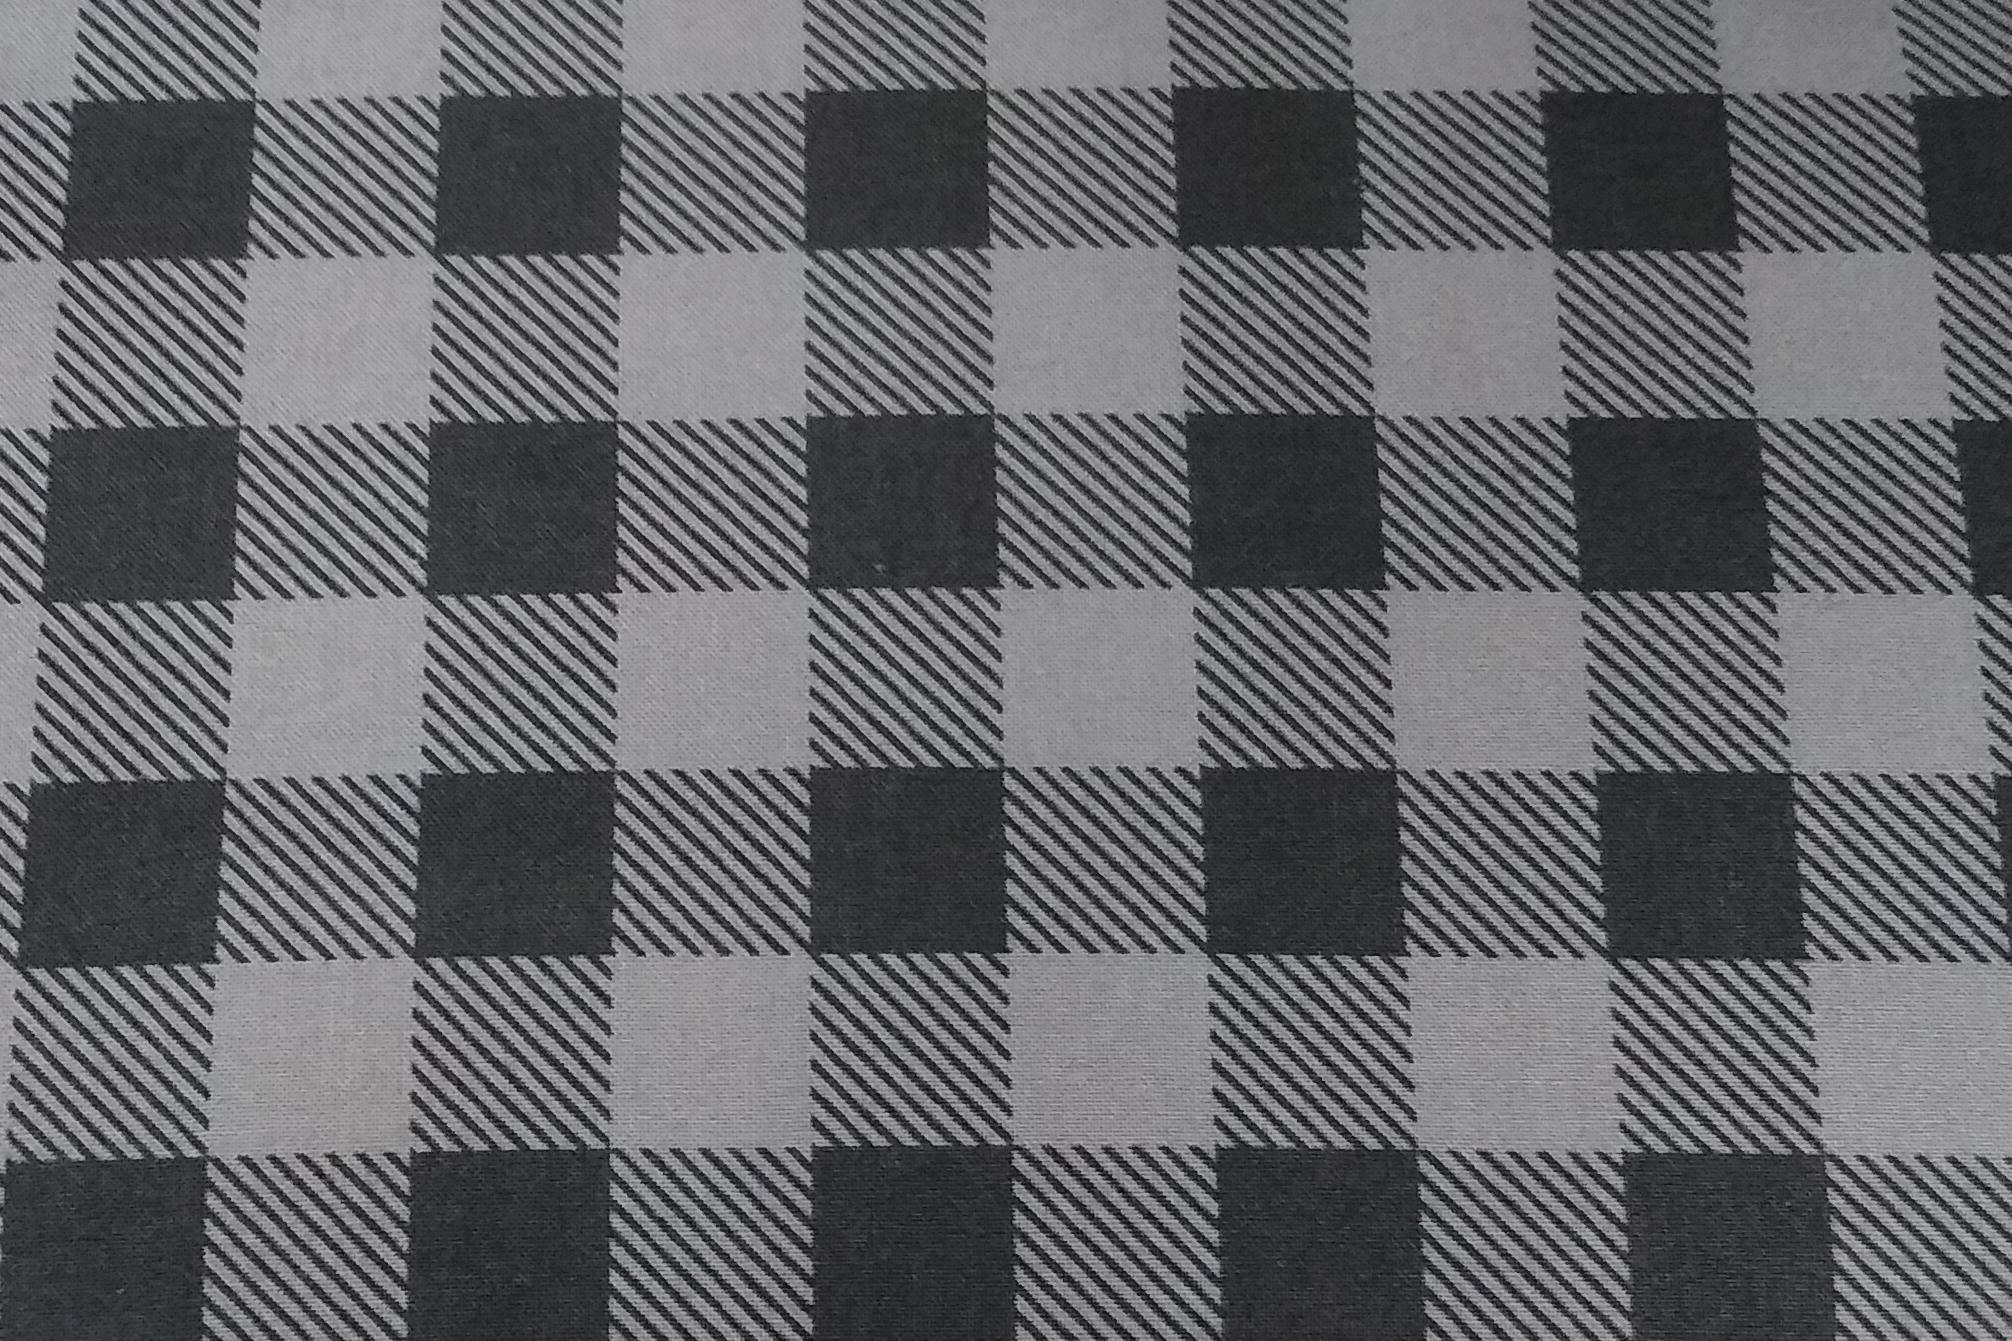 Baumwolle kariert/ Karo/ Kästchen/ Hipster/ Holzfäller, grau, 110cm breit, 0.5m 5,00€